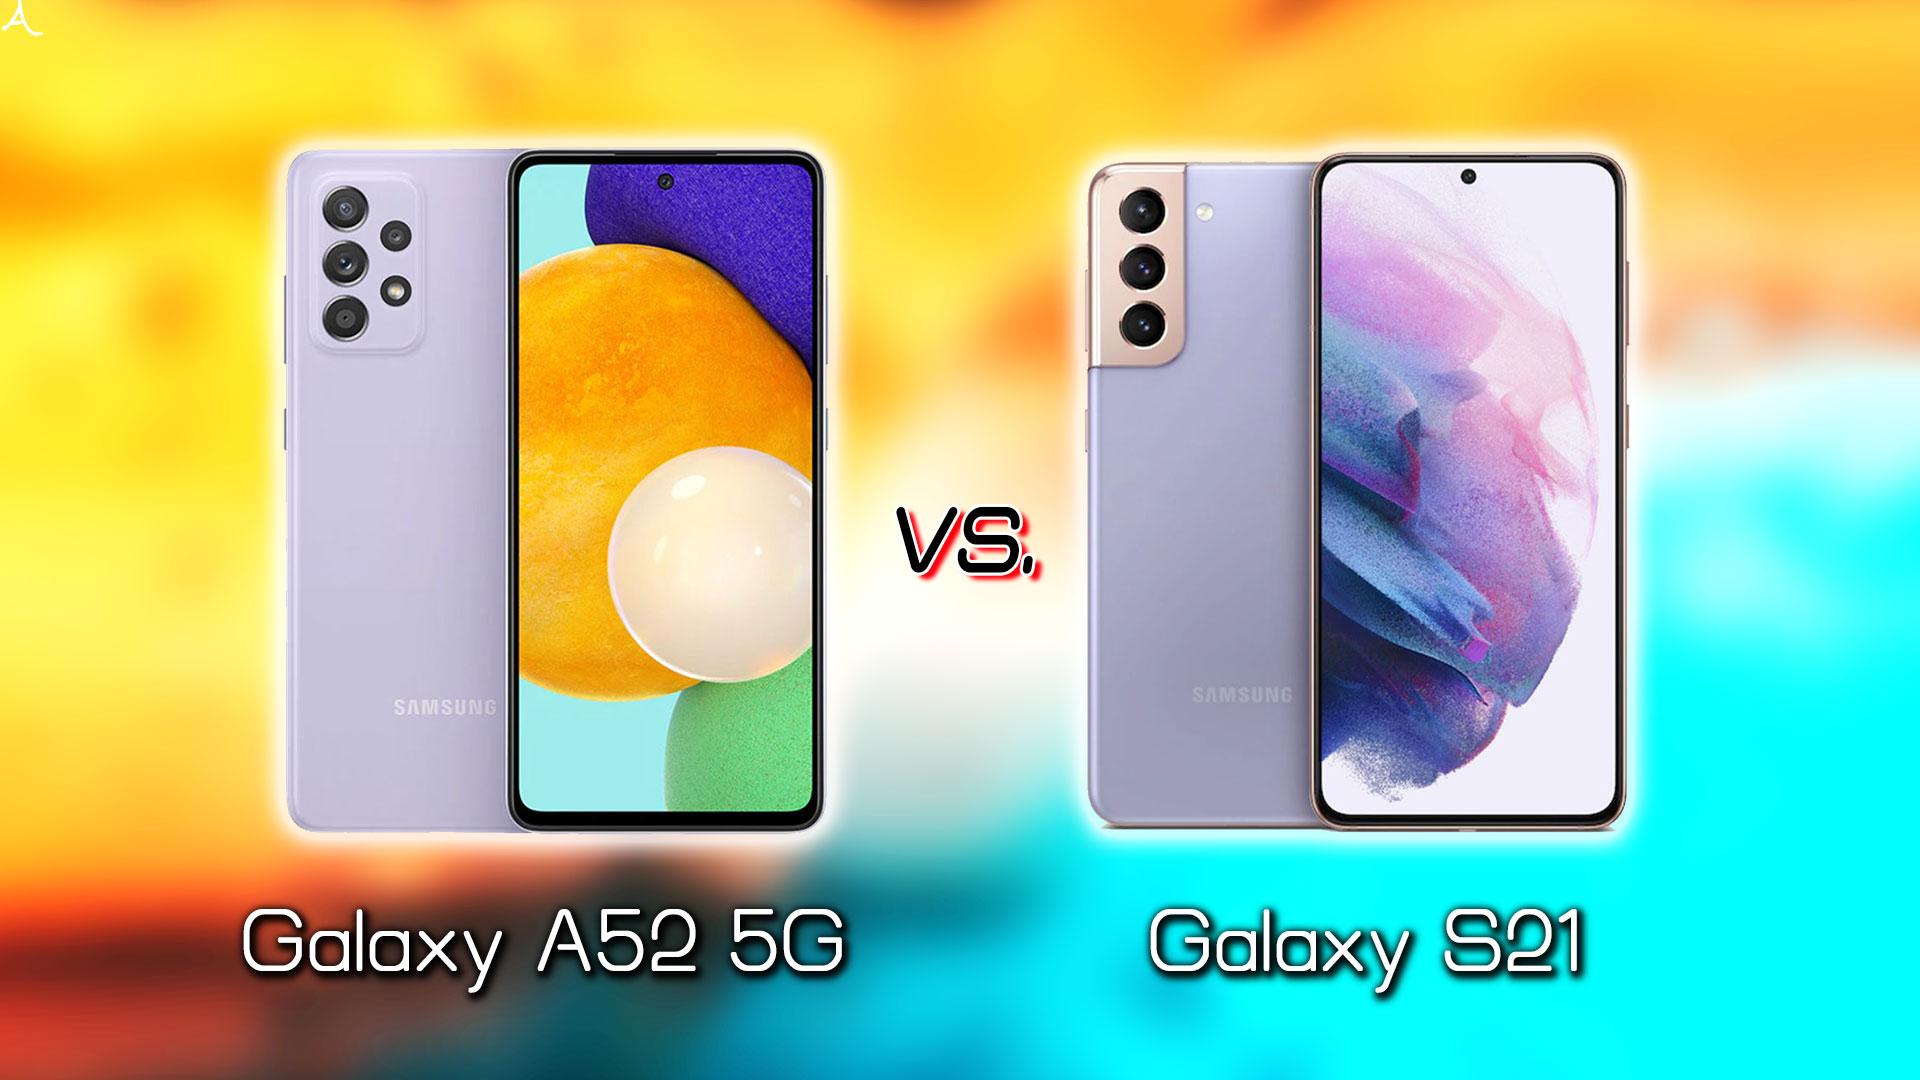 「Galaxy A52 5G」と「Galaxy S21」の違いを比較:どっちを買う?